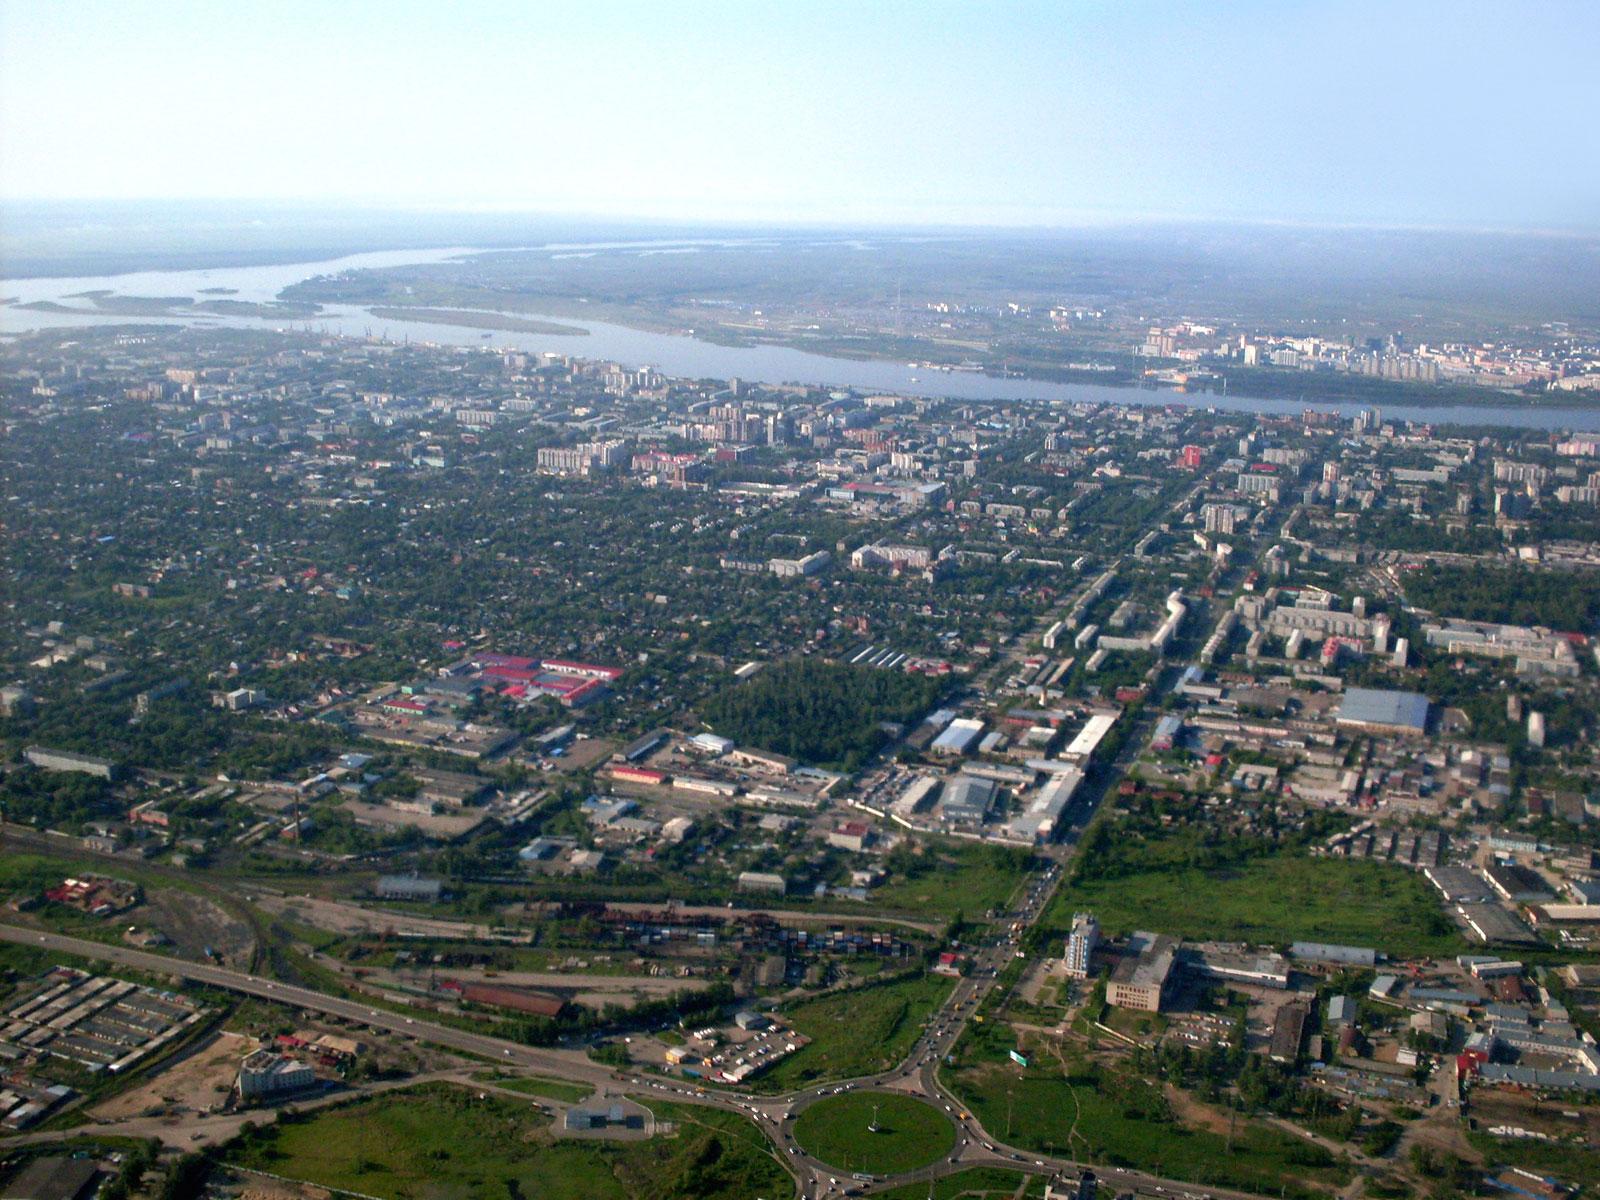 Вид на город Благовещенск перед посадкой в аэропорту